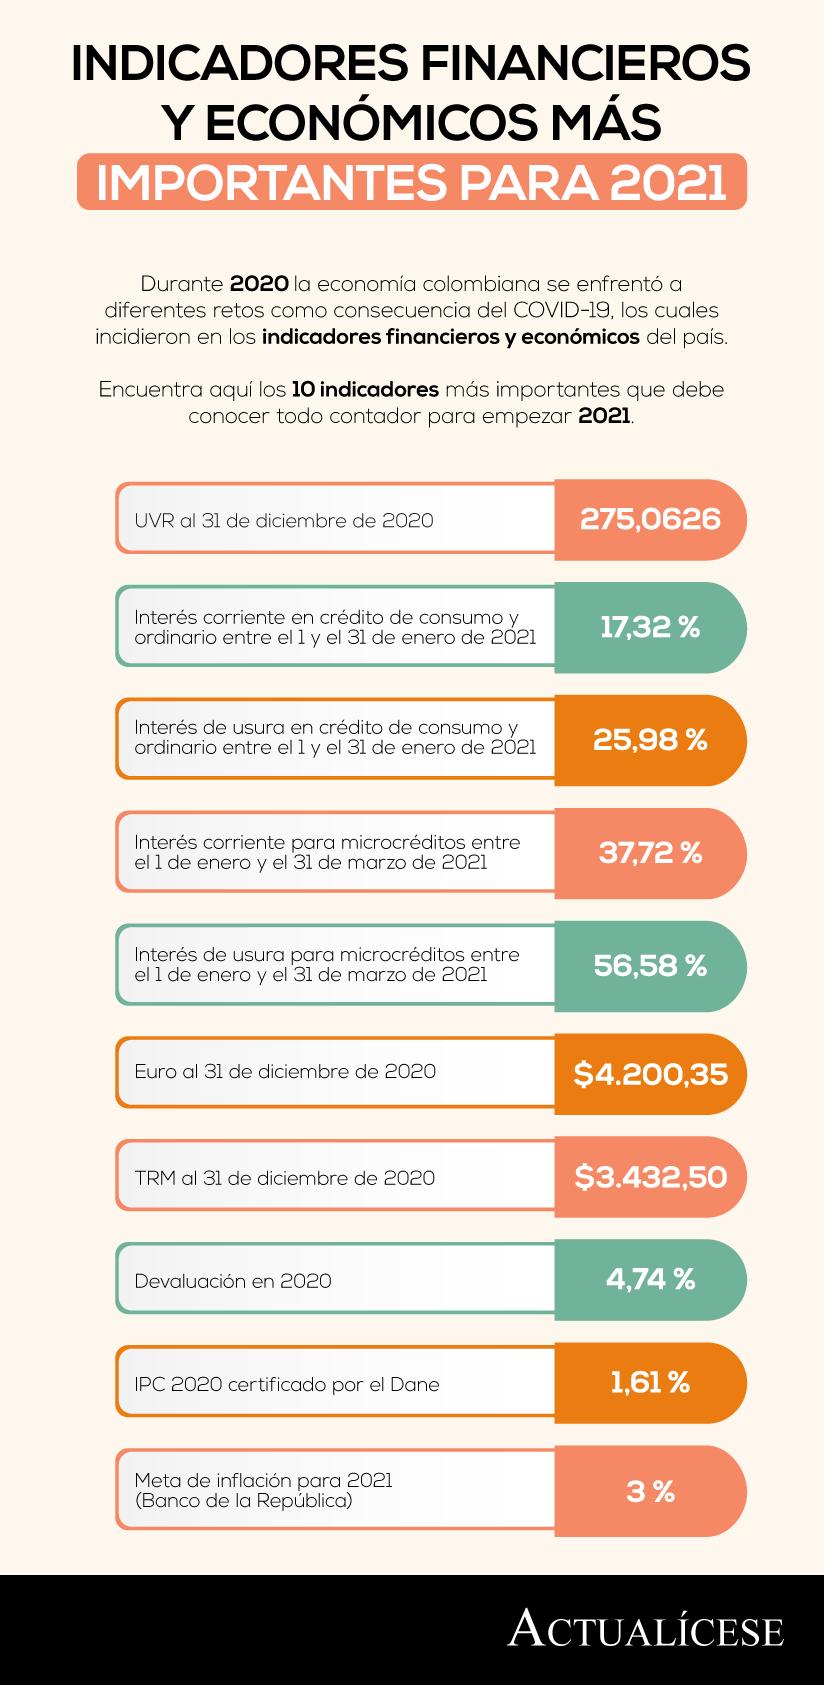 [Infografía] Indicadores financieros y económicos más importantes para 2021